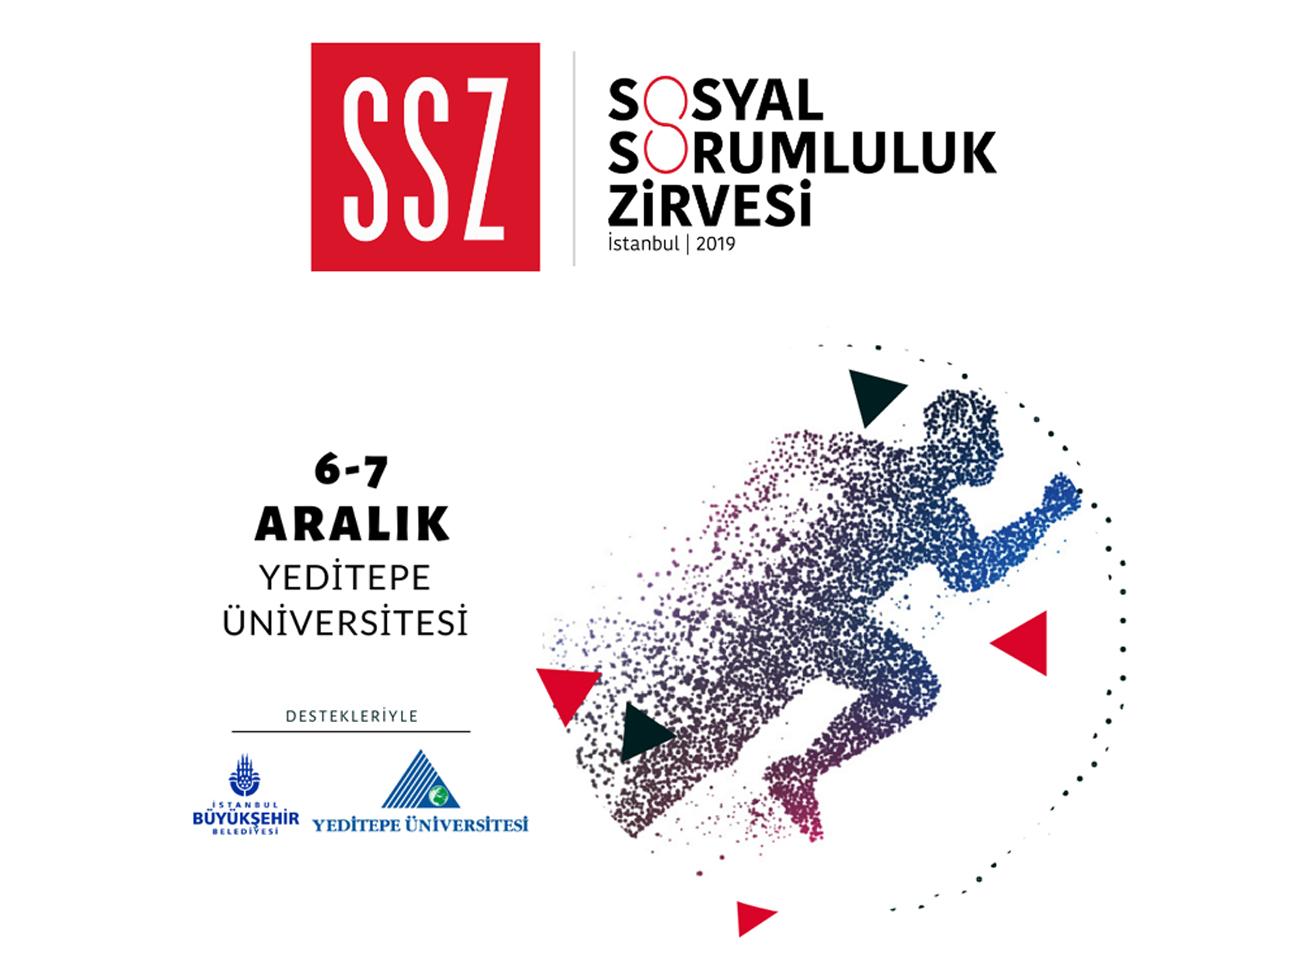 Sosyal Sorumluluk Zirvesi 6 - 7 Aralık'ta